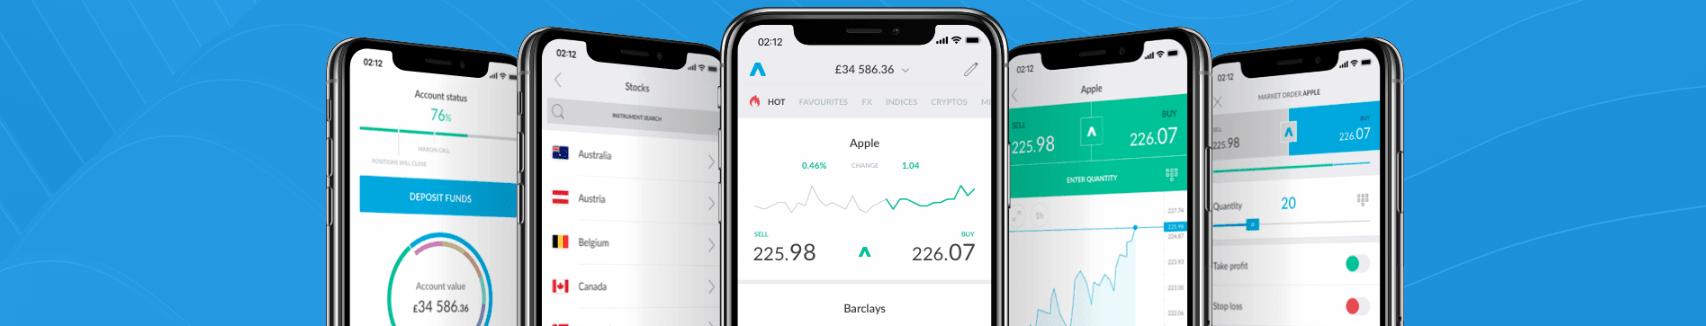 trading212-mobile-app